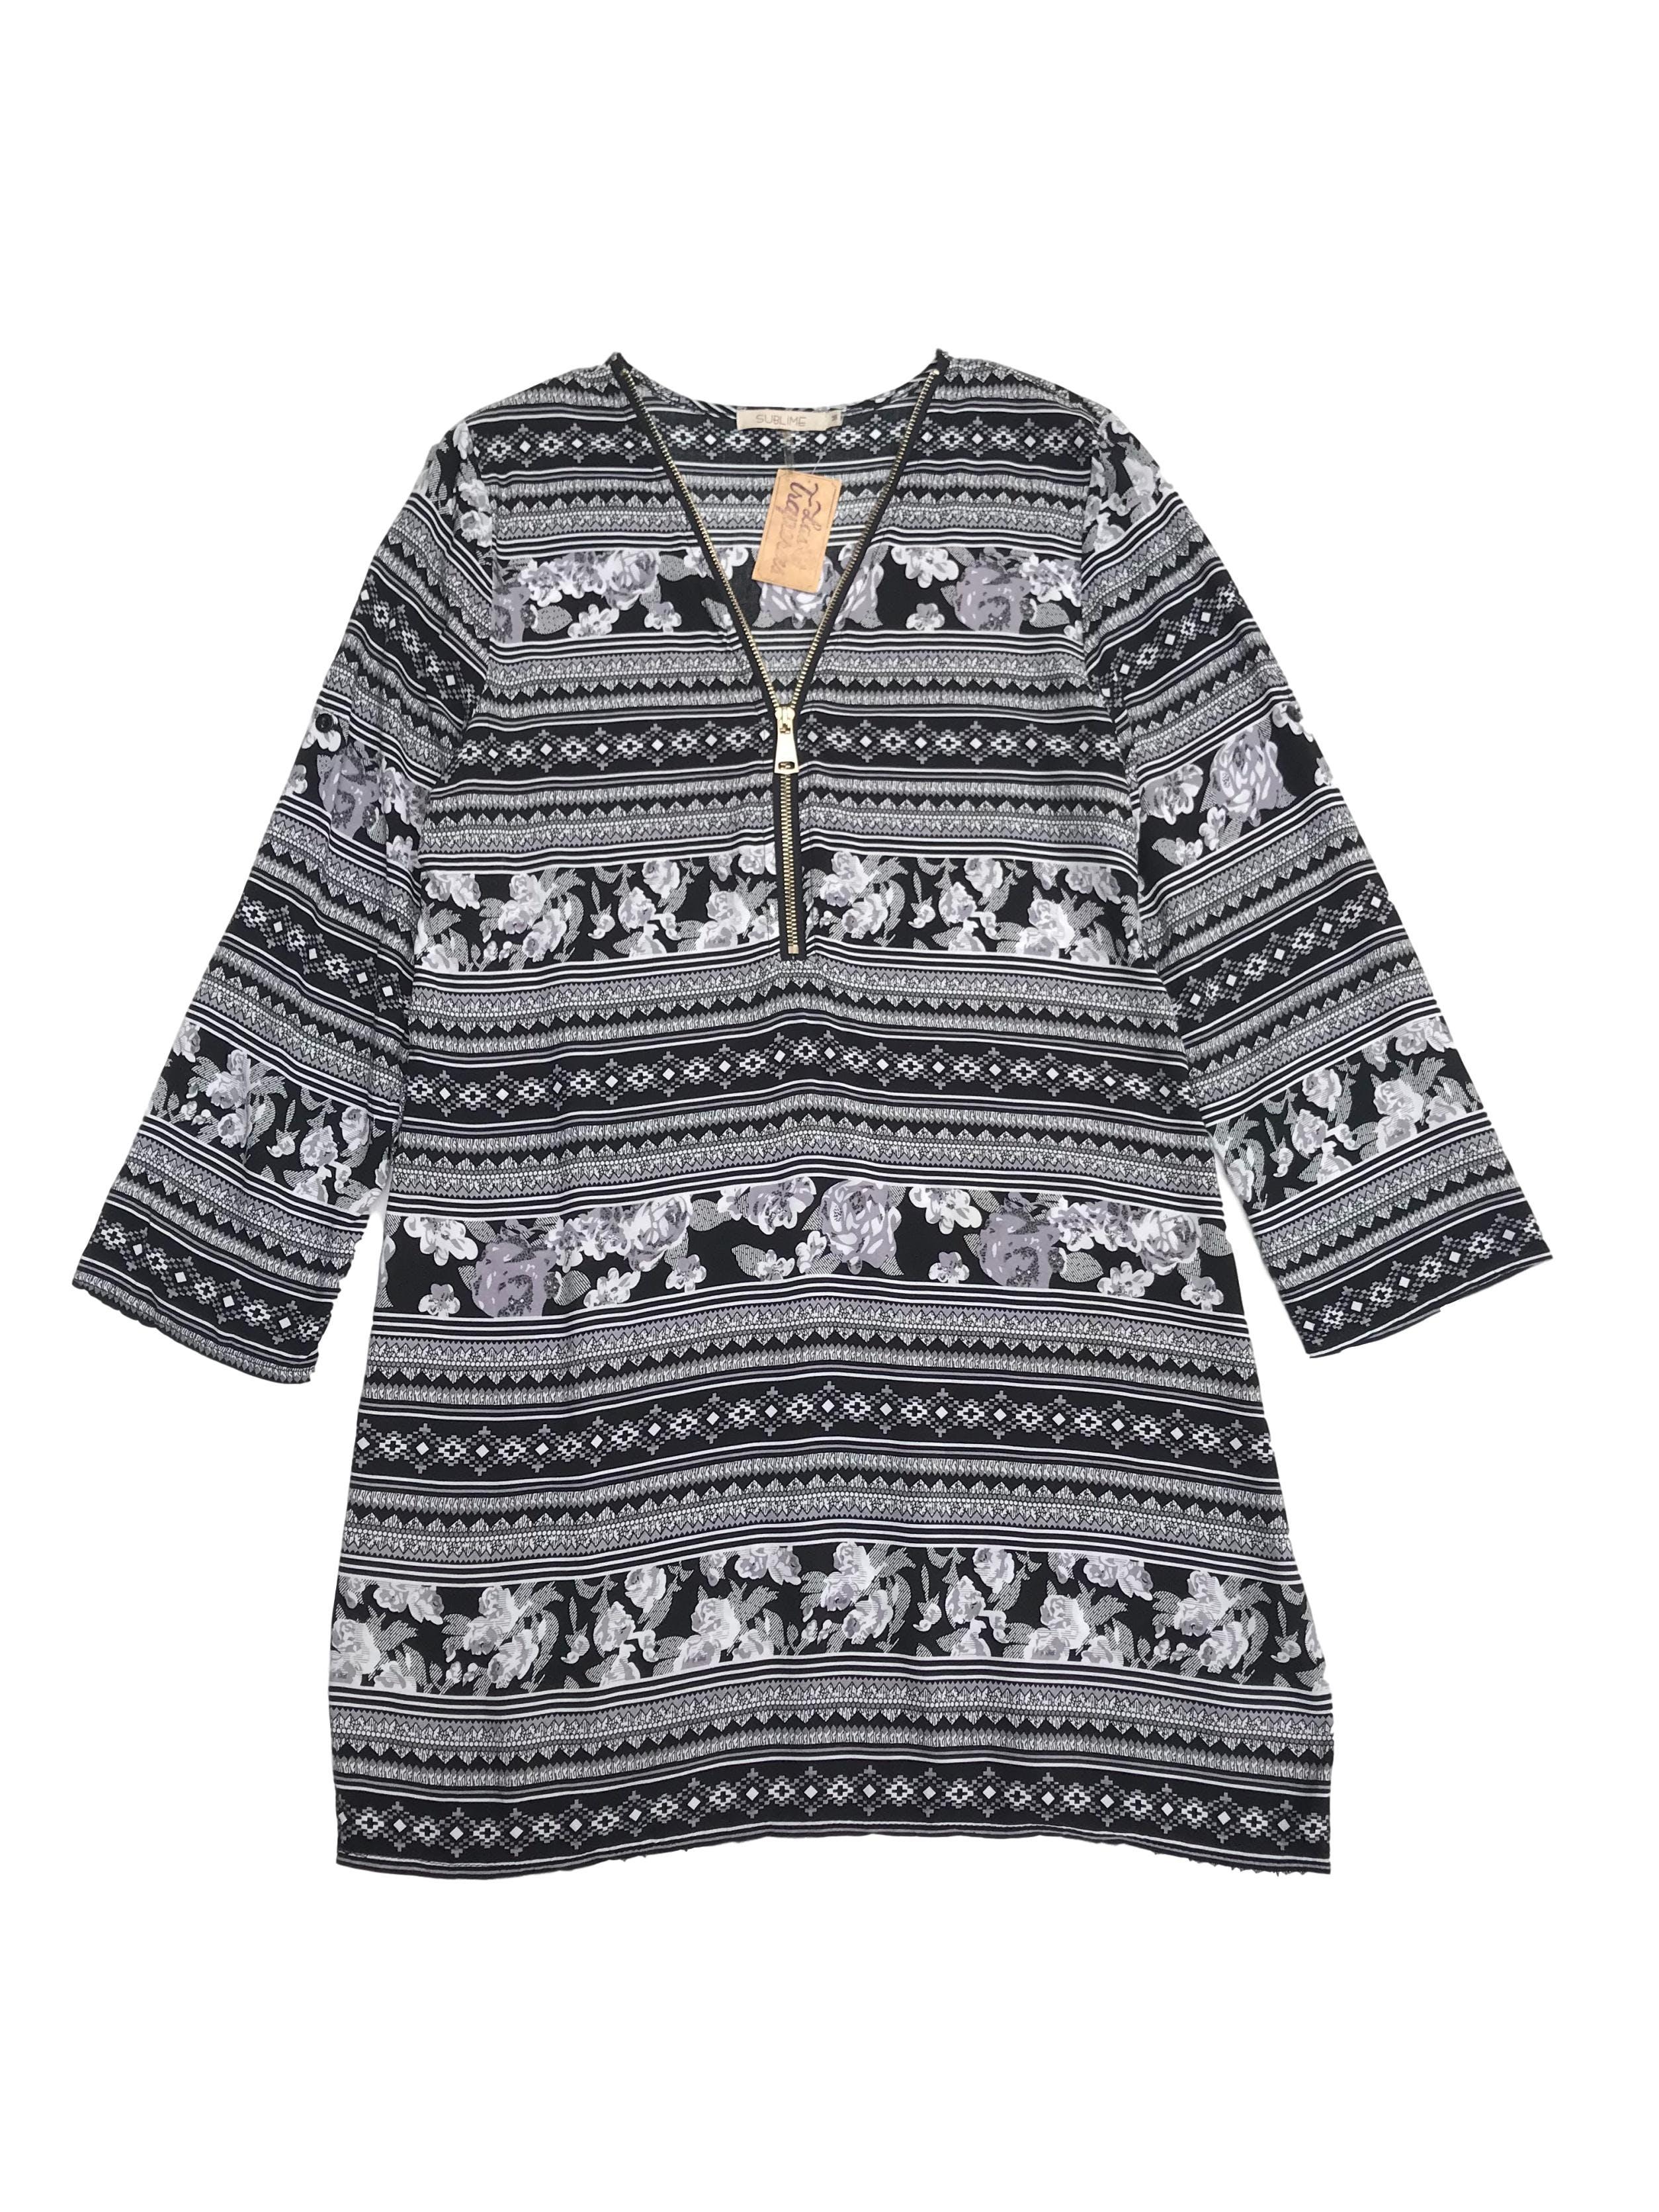 Vestido con estampado en blanco, gris y negro, cierre en el escote y mangas regulables con botón. Largo 85cm